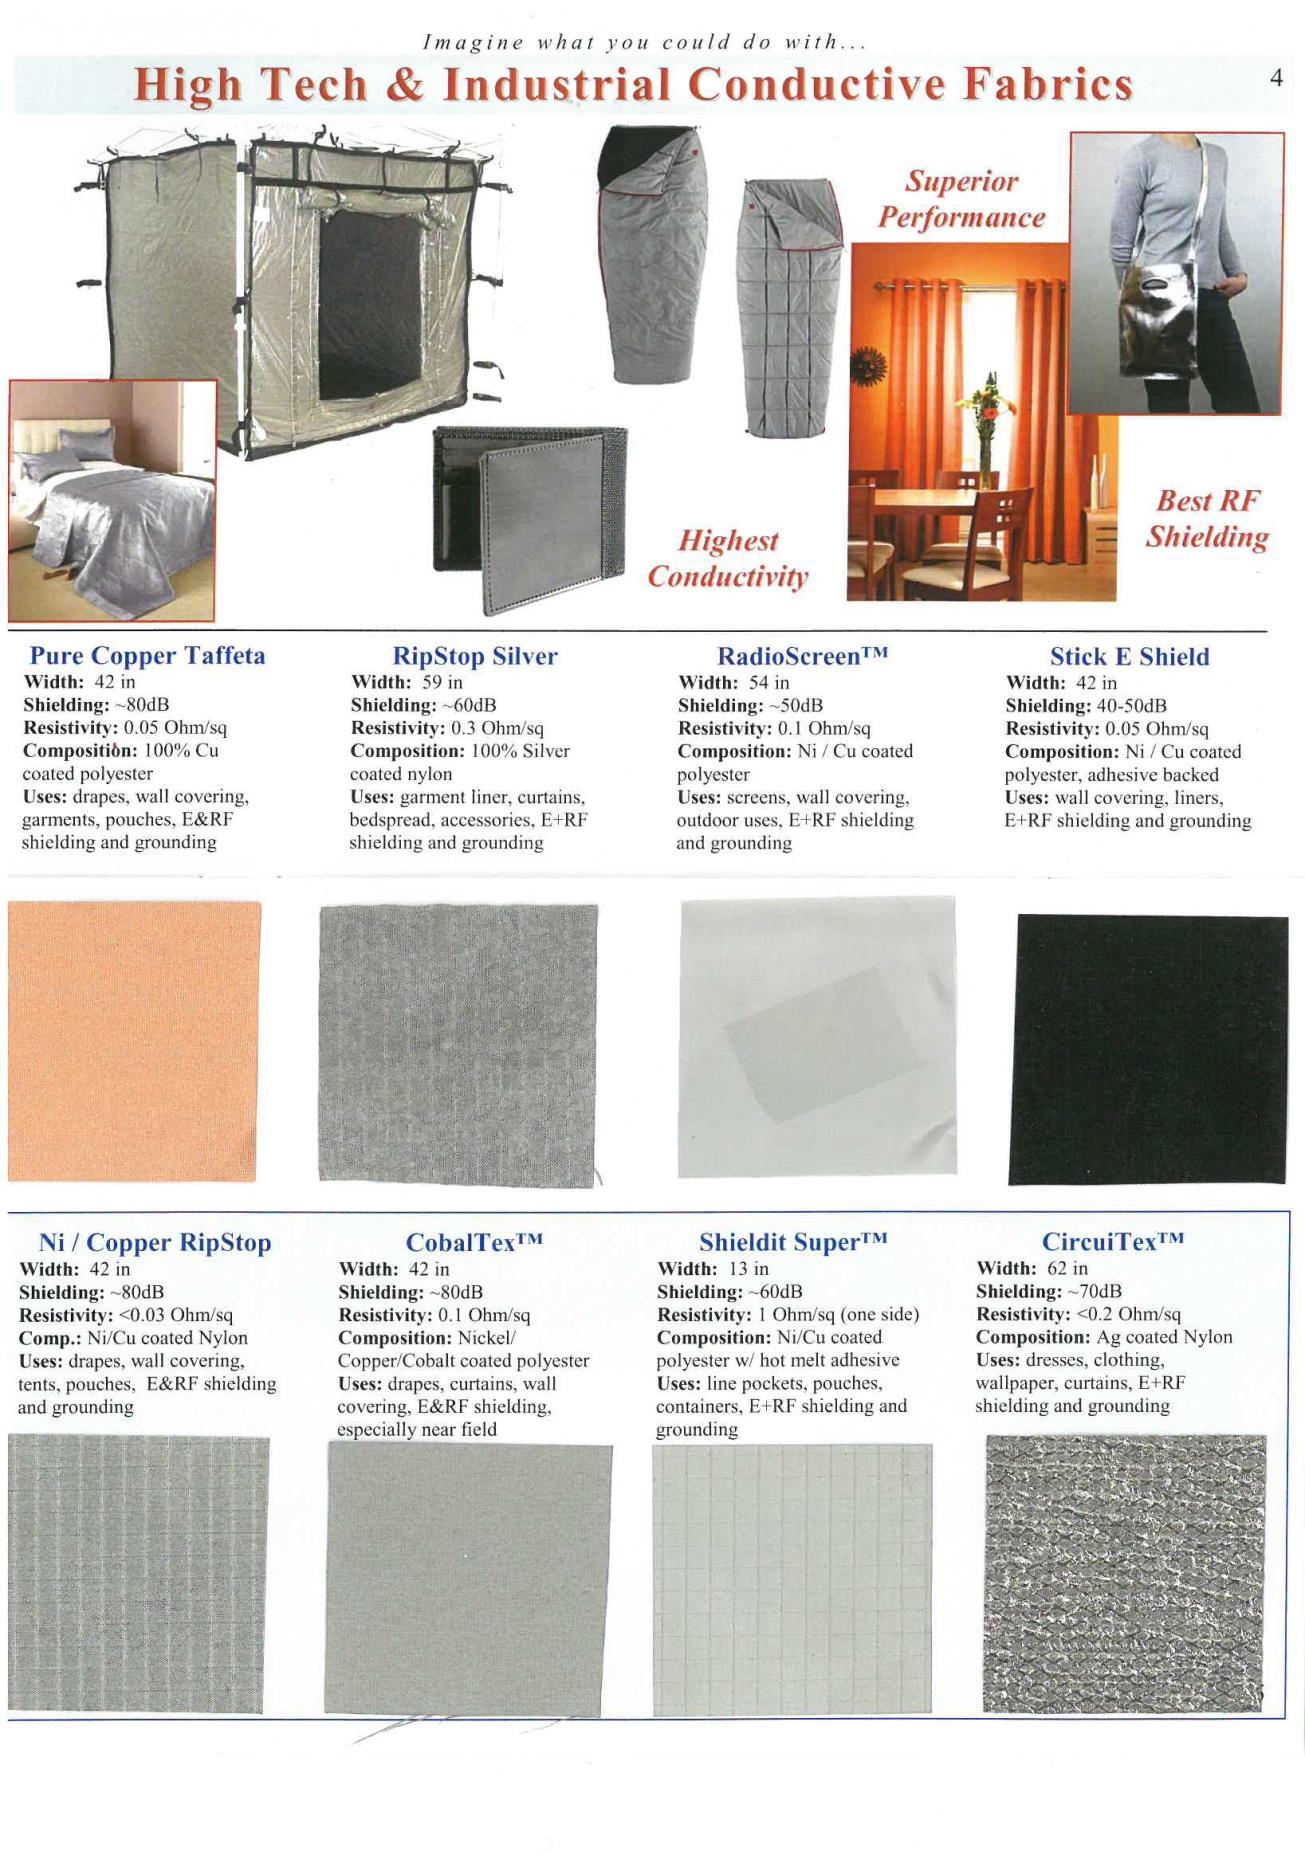 farraday materials.jpg